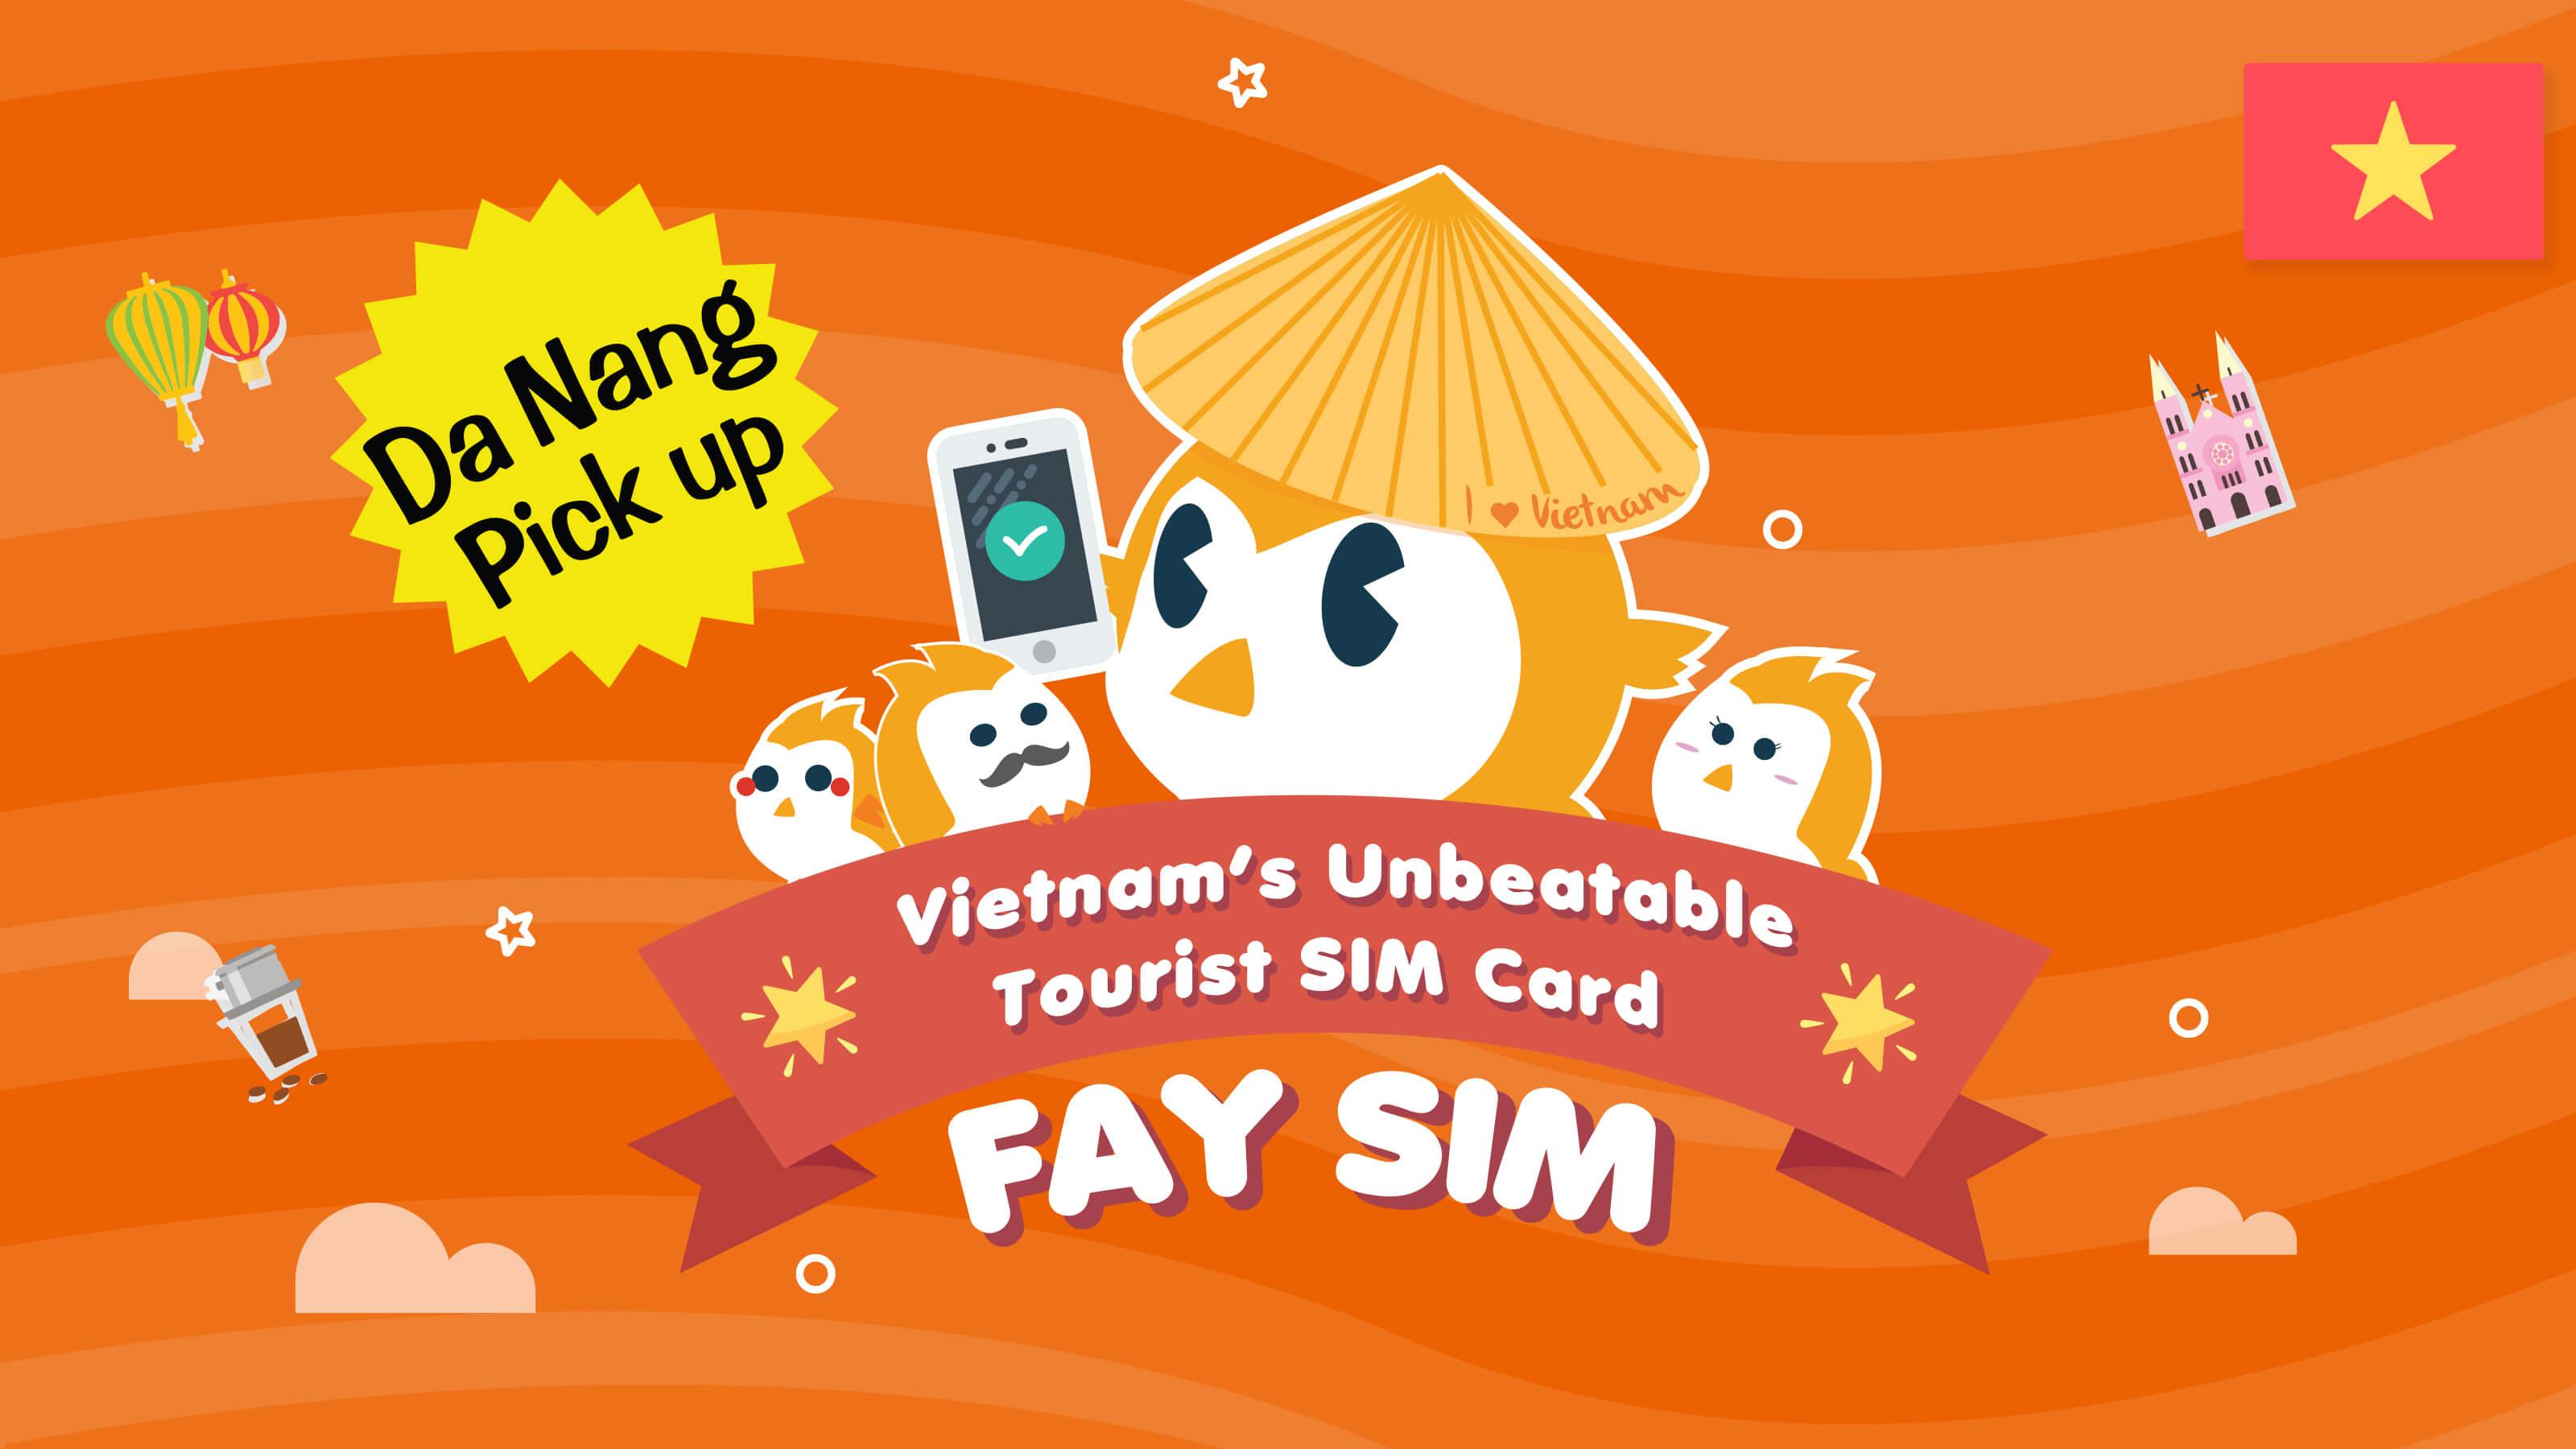 FAY SIM (Da Nang Pick up)